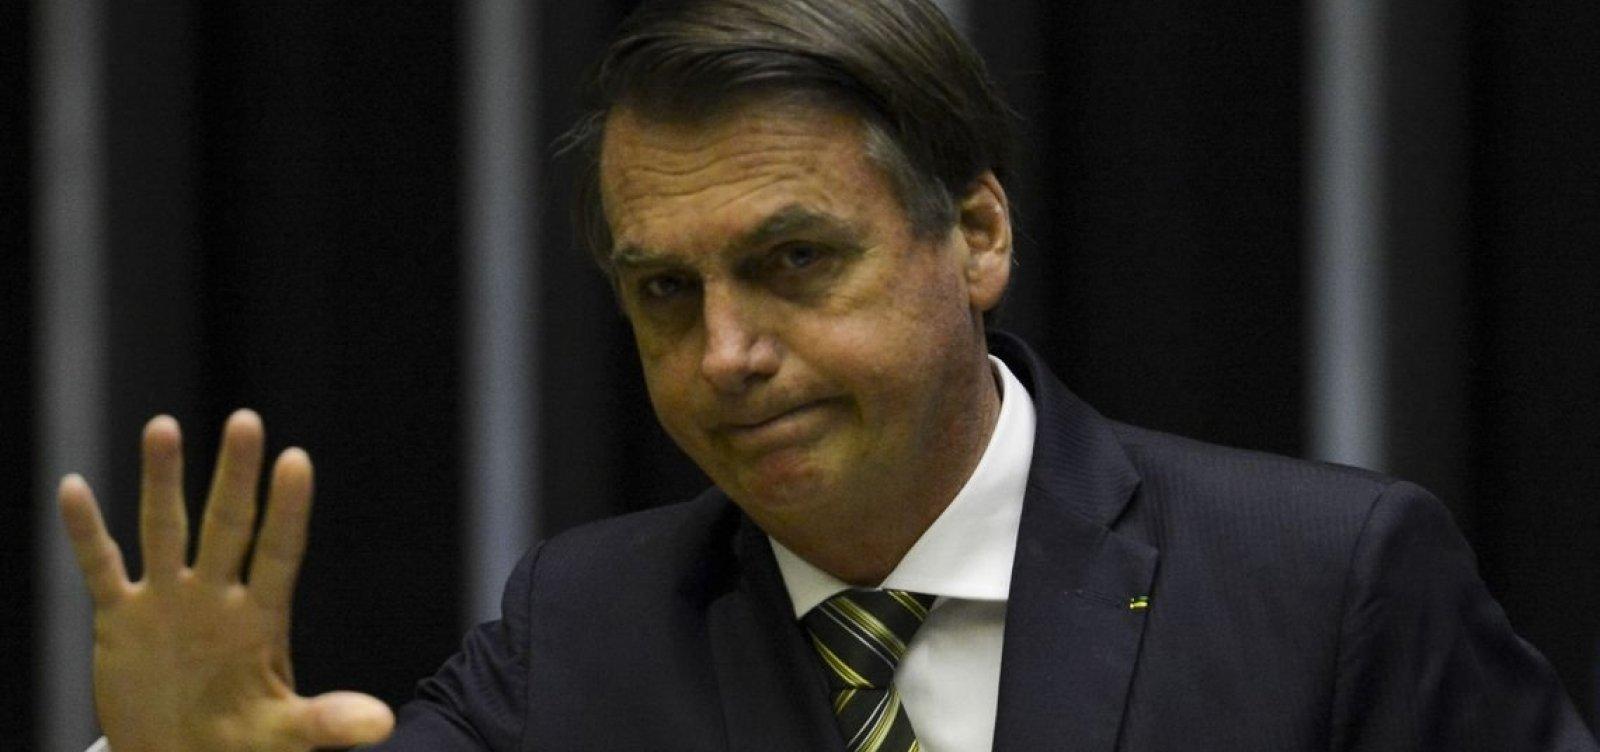 ['Áudio contradiz porteiro do condomínio de Bolsonaro', diz MP]